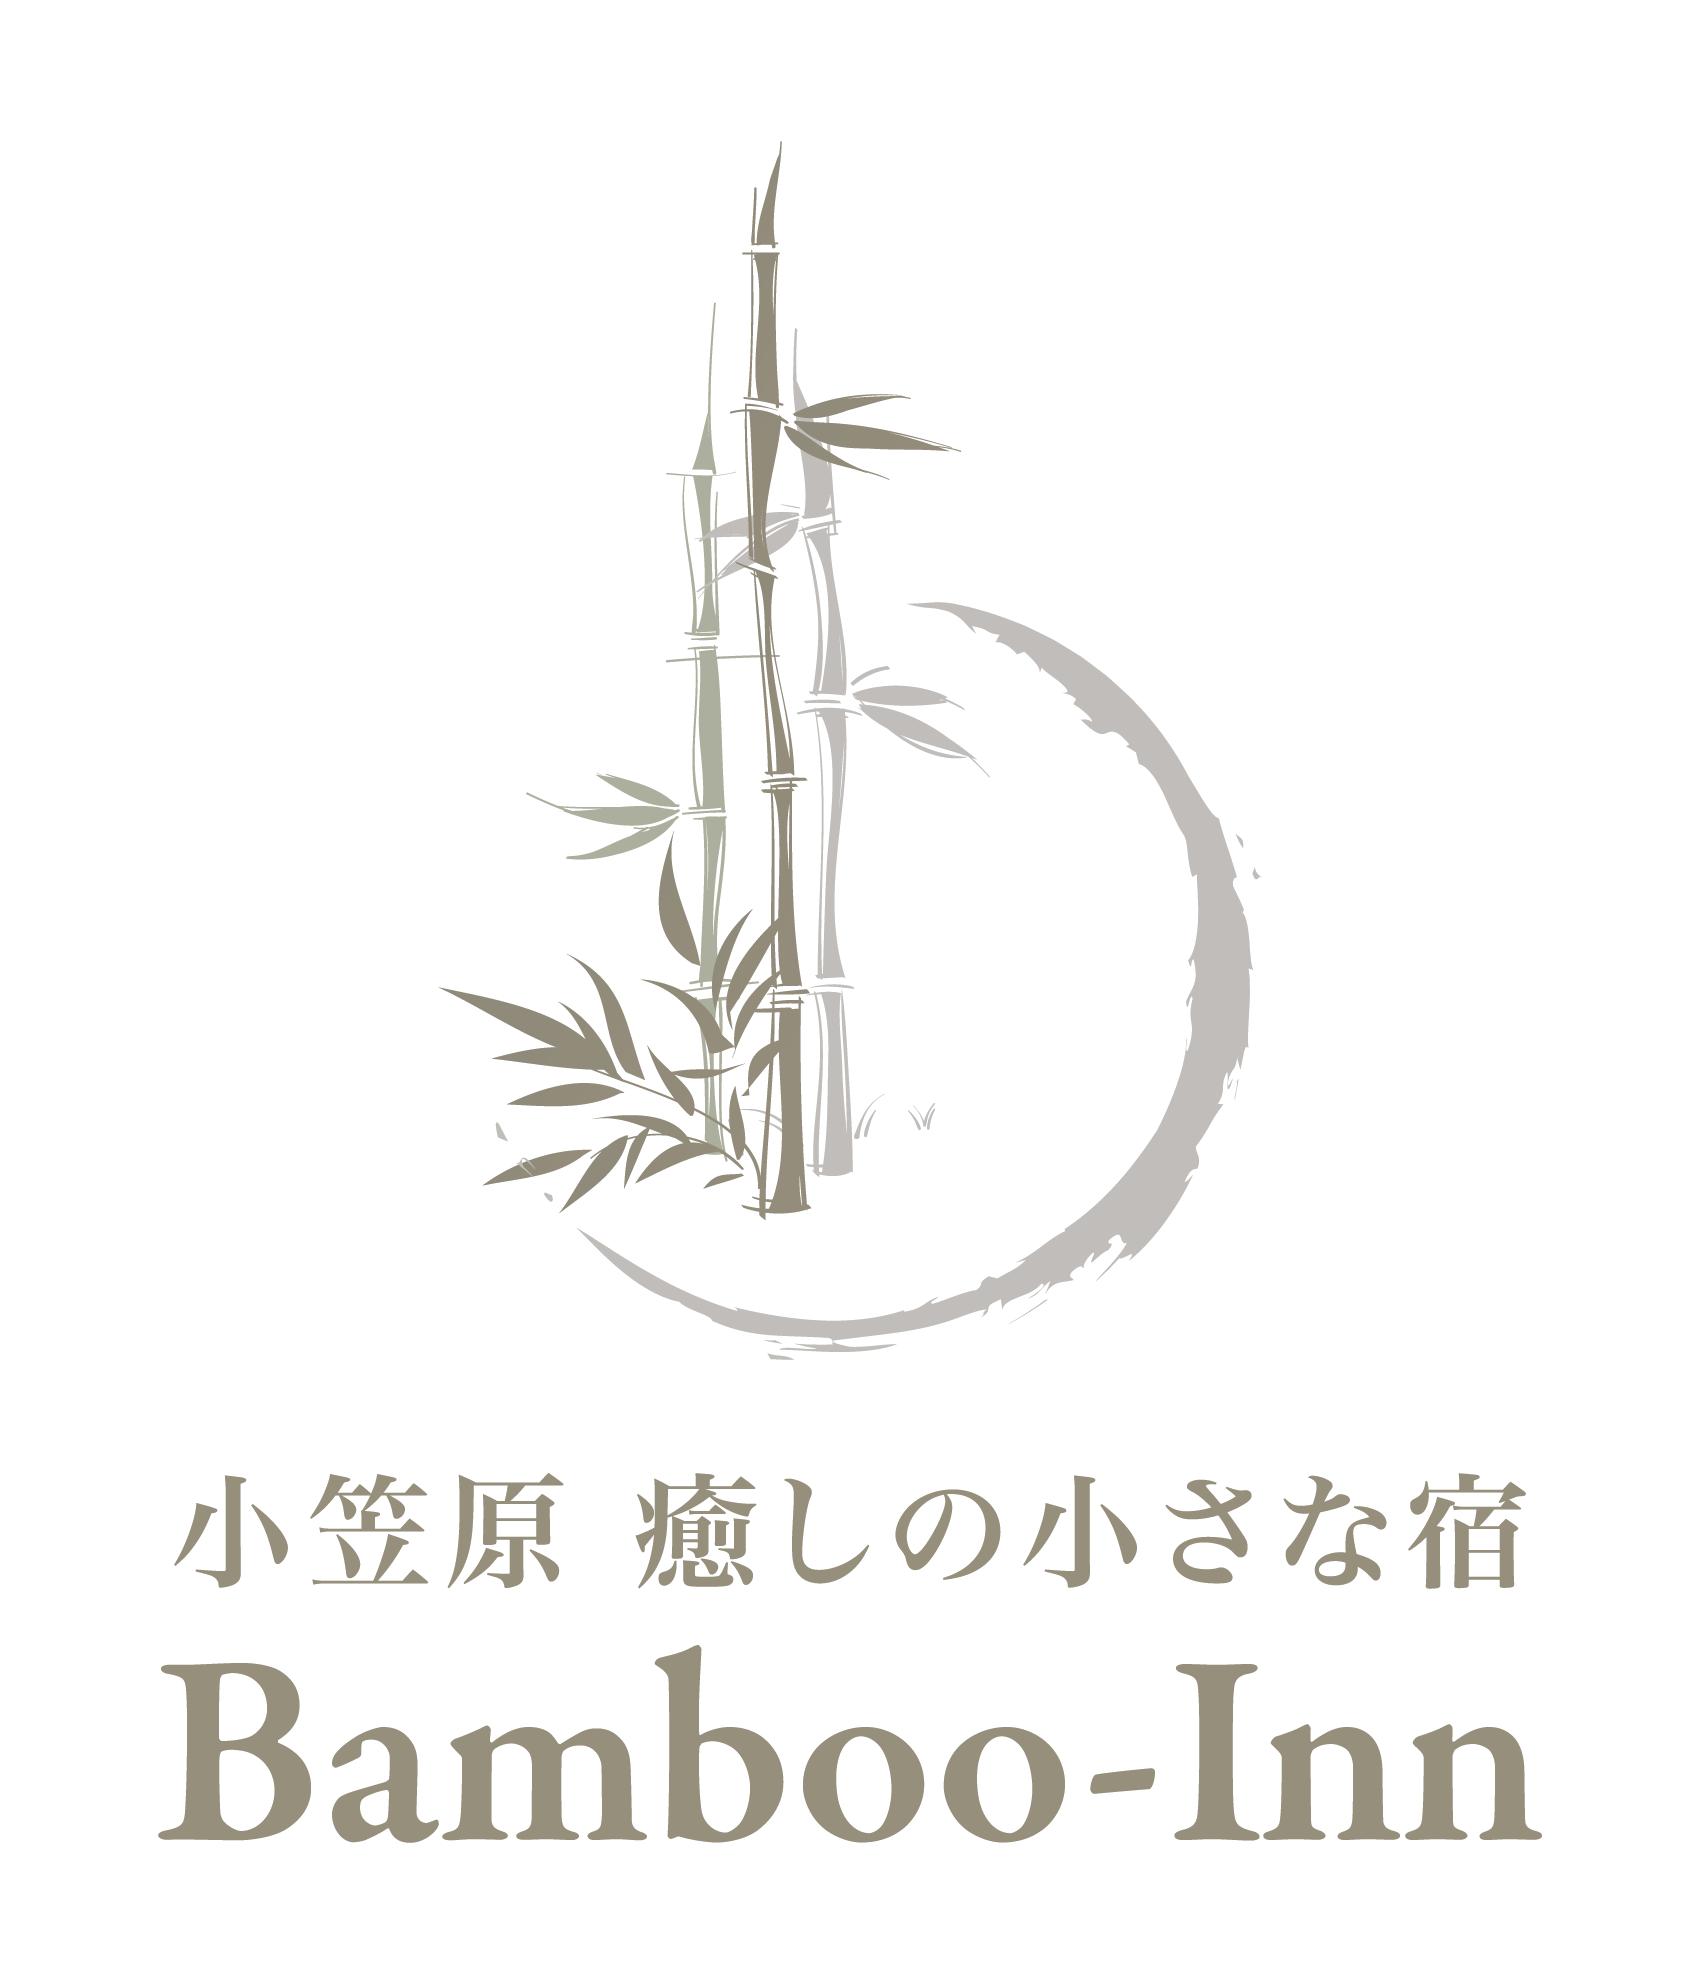 バンブーイン 小笠原の宿